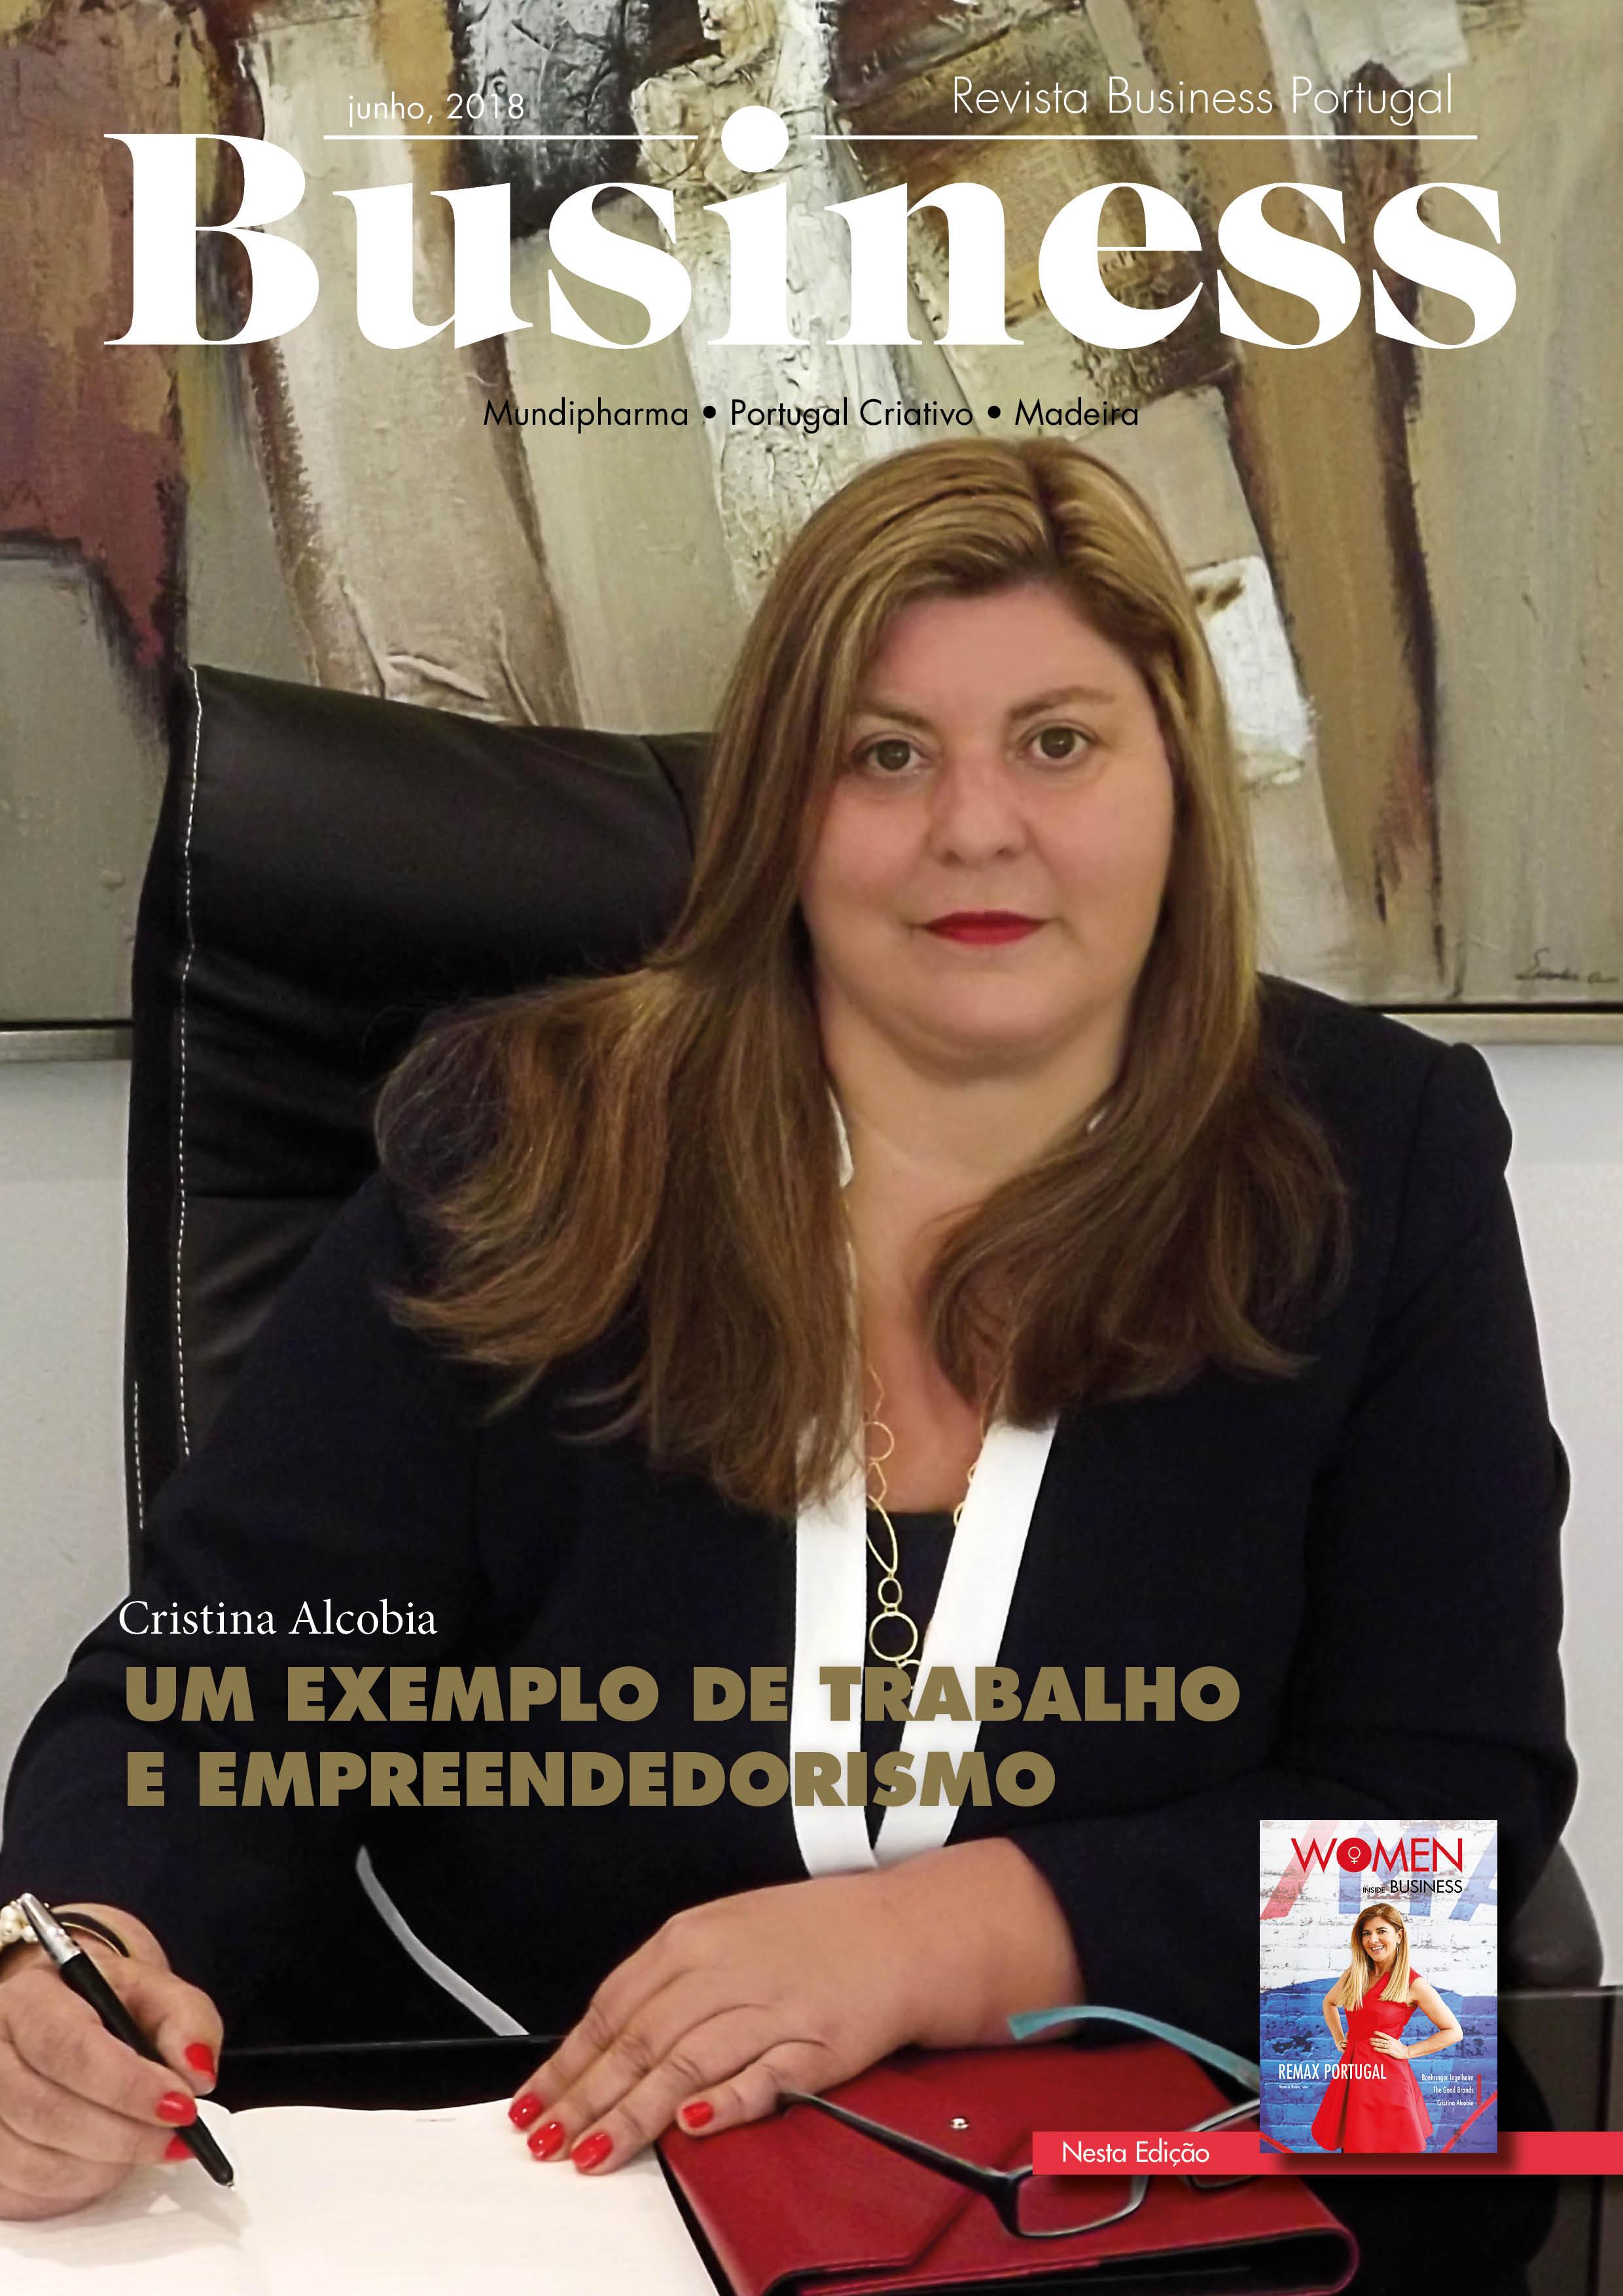 Cristina Alcobia